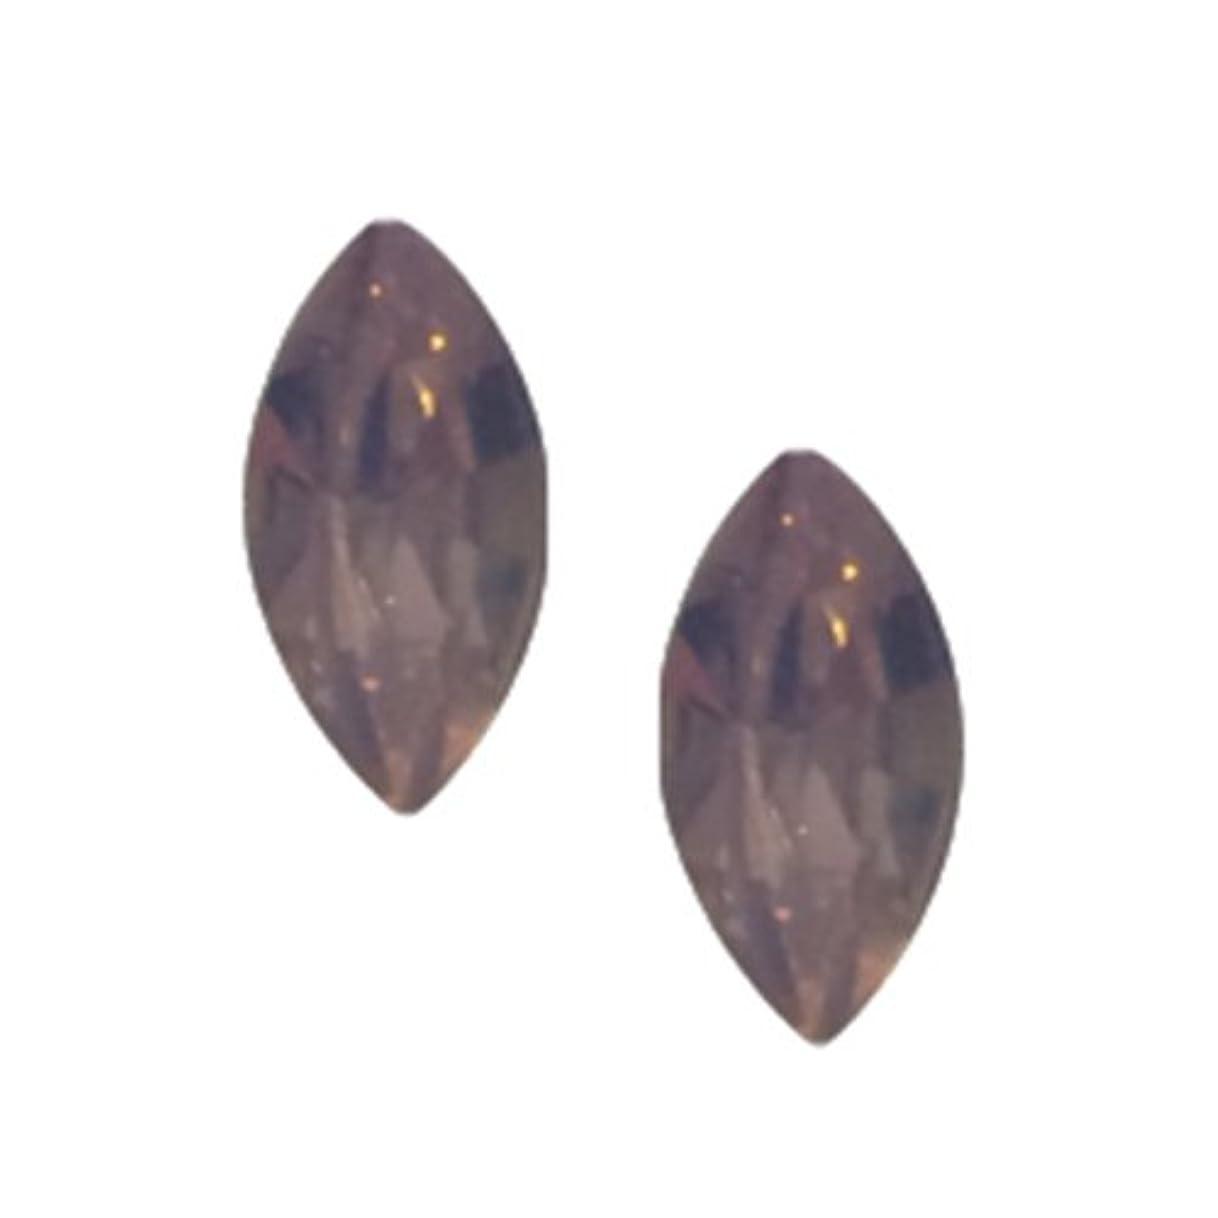 レンジ感嘆符特にPOSH ART ネイルパーツ馬眼型 3*6mm 10P ピンクオパール